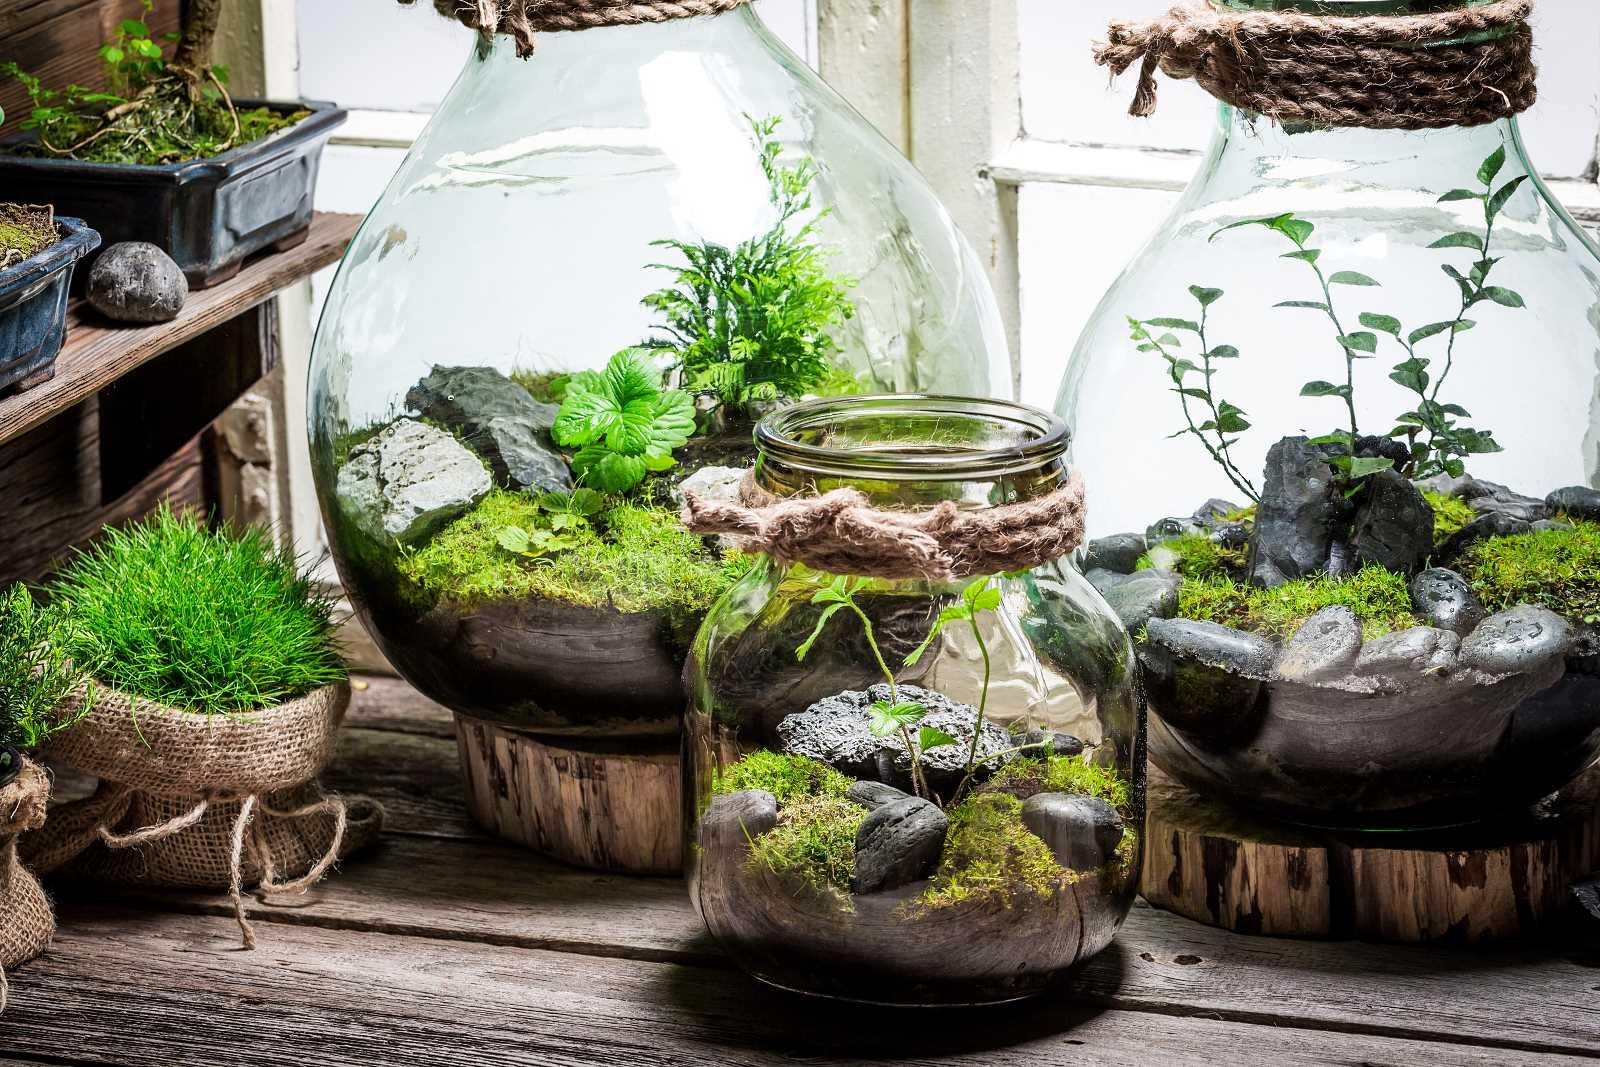 Top 3 Rośliny Do Lasu W Słoiku Zobacz Które Rośliny Sprawdzają Się Najlepiej